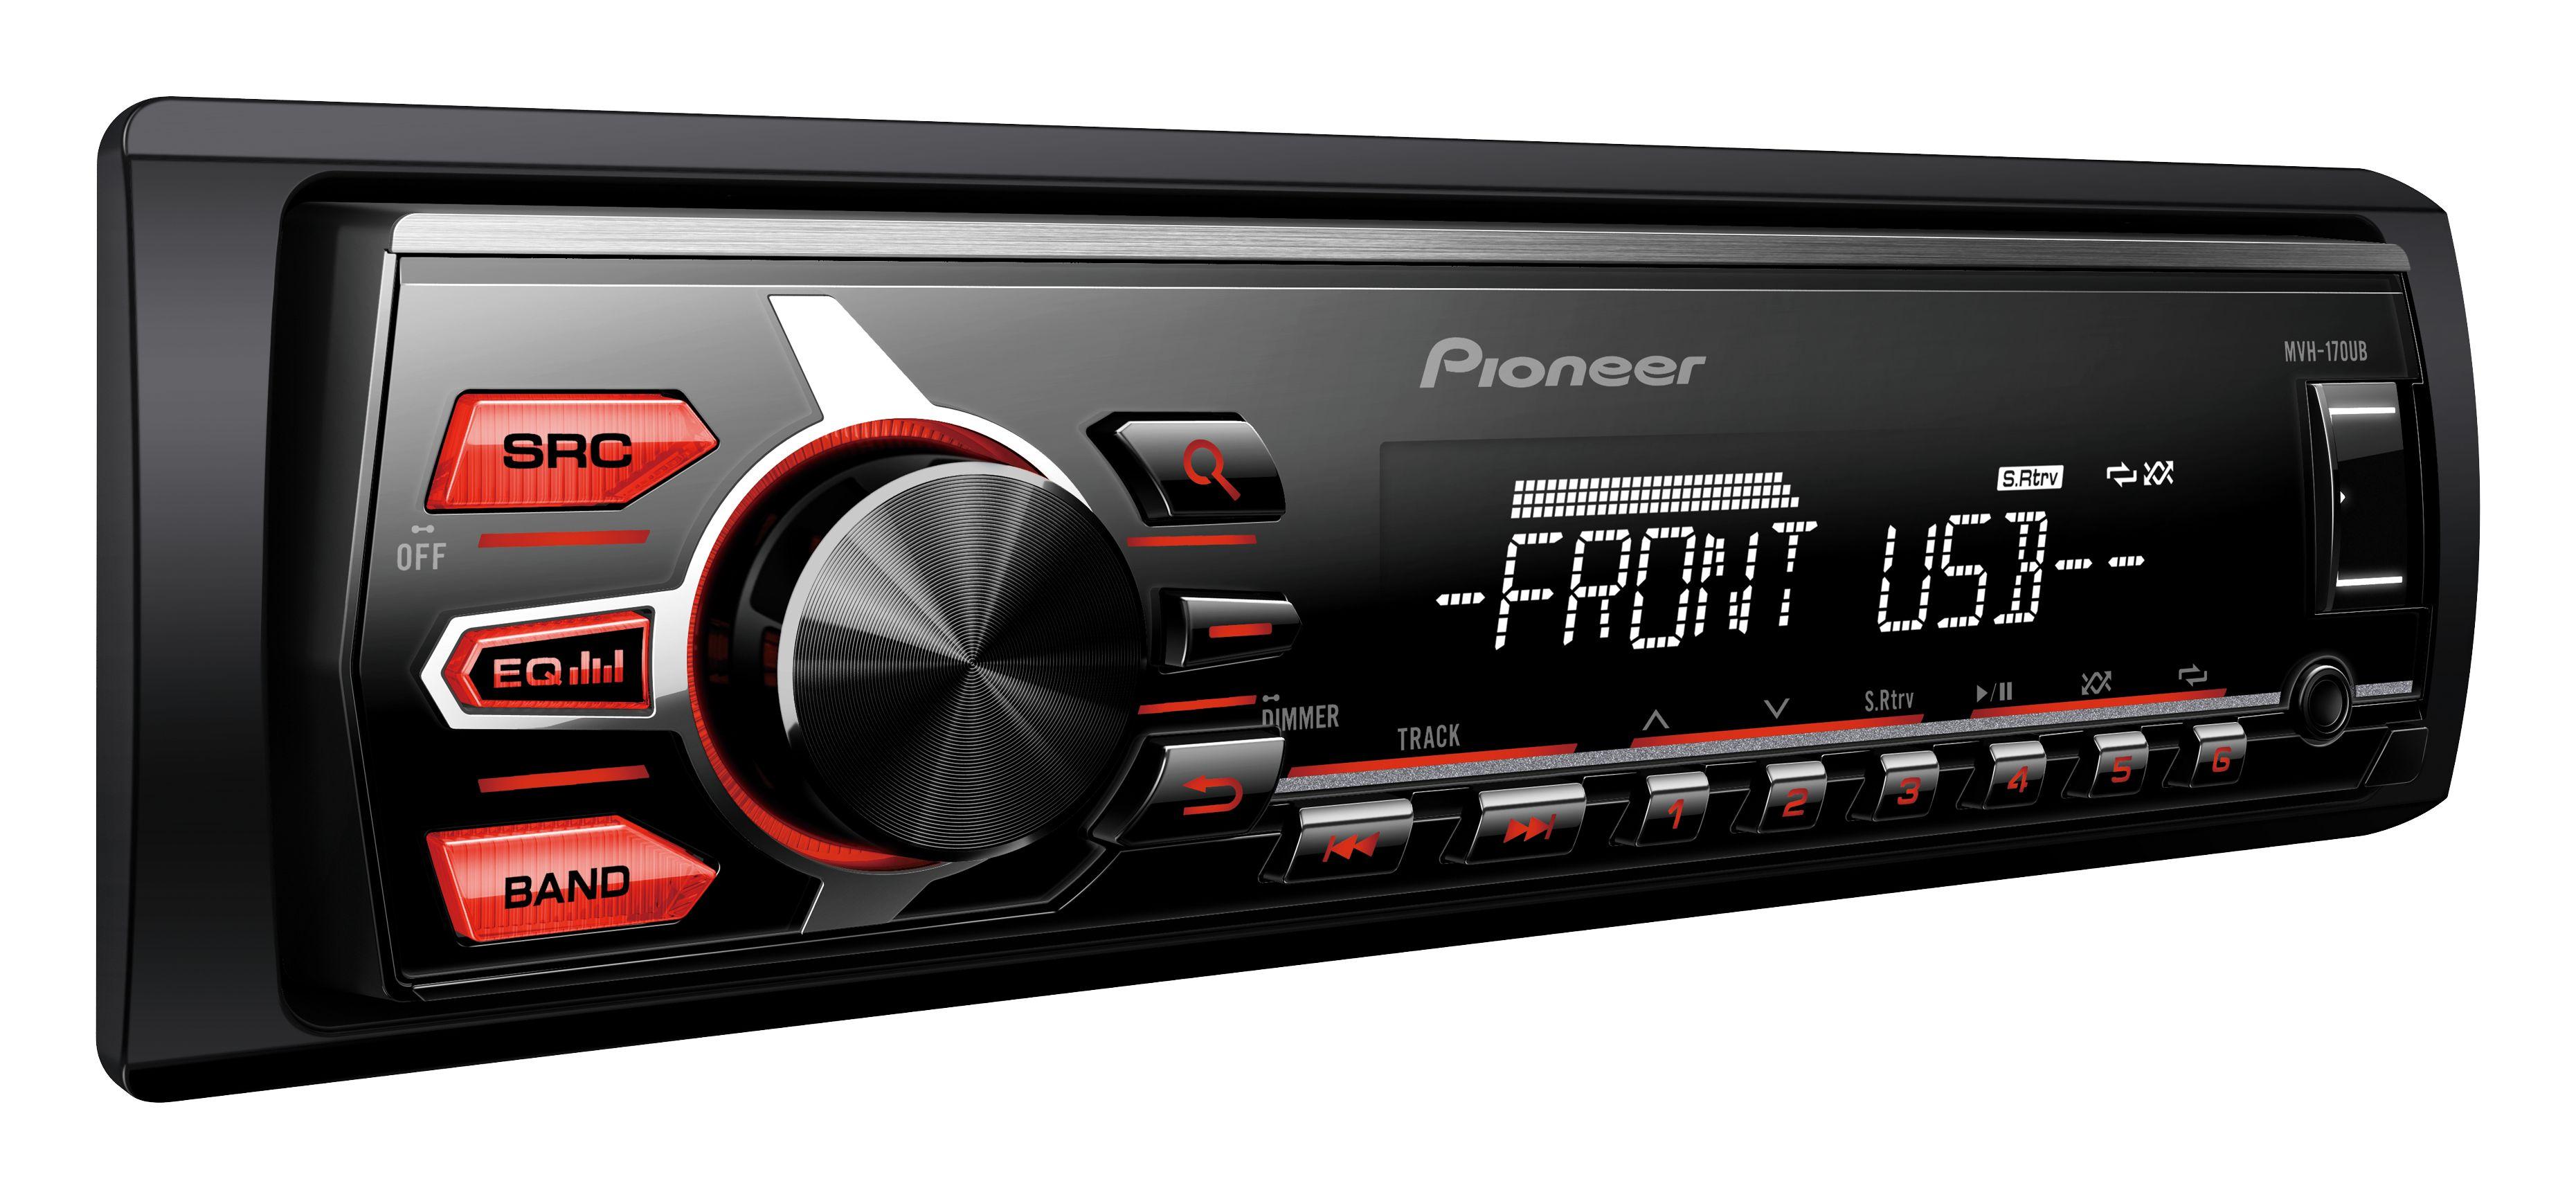 RADIO USB PIONEER 2015